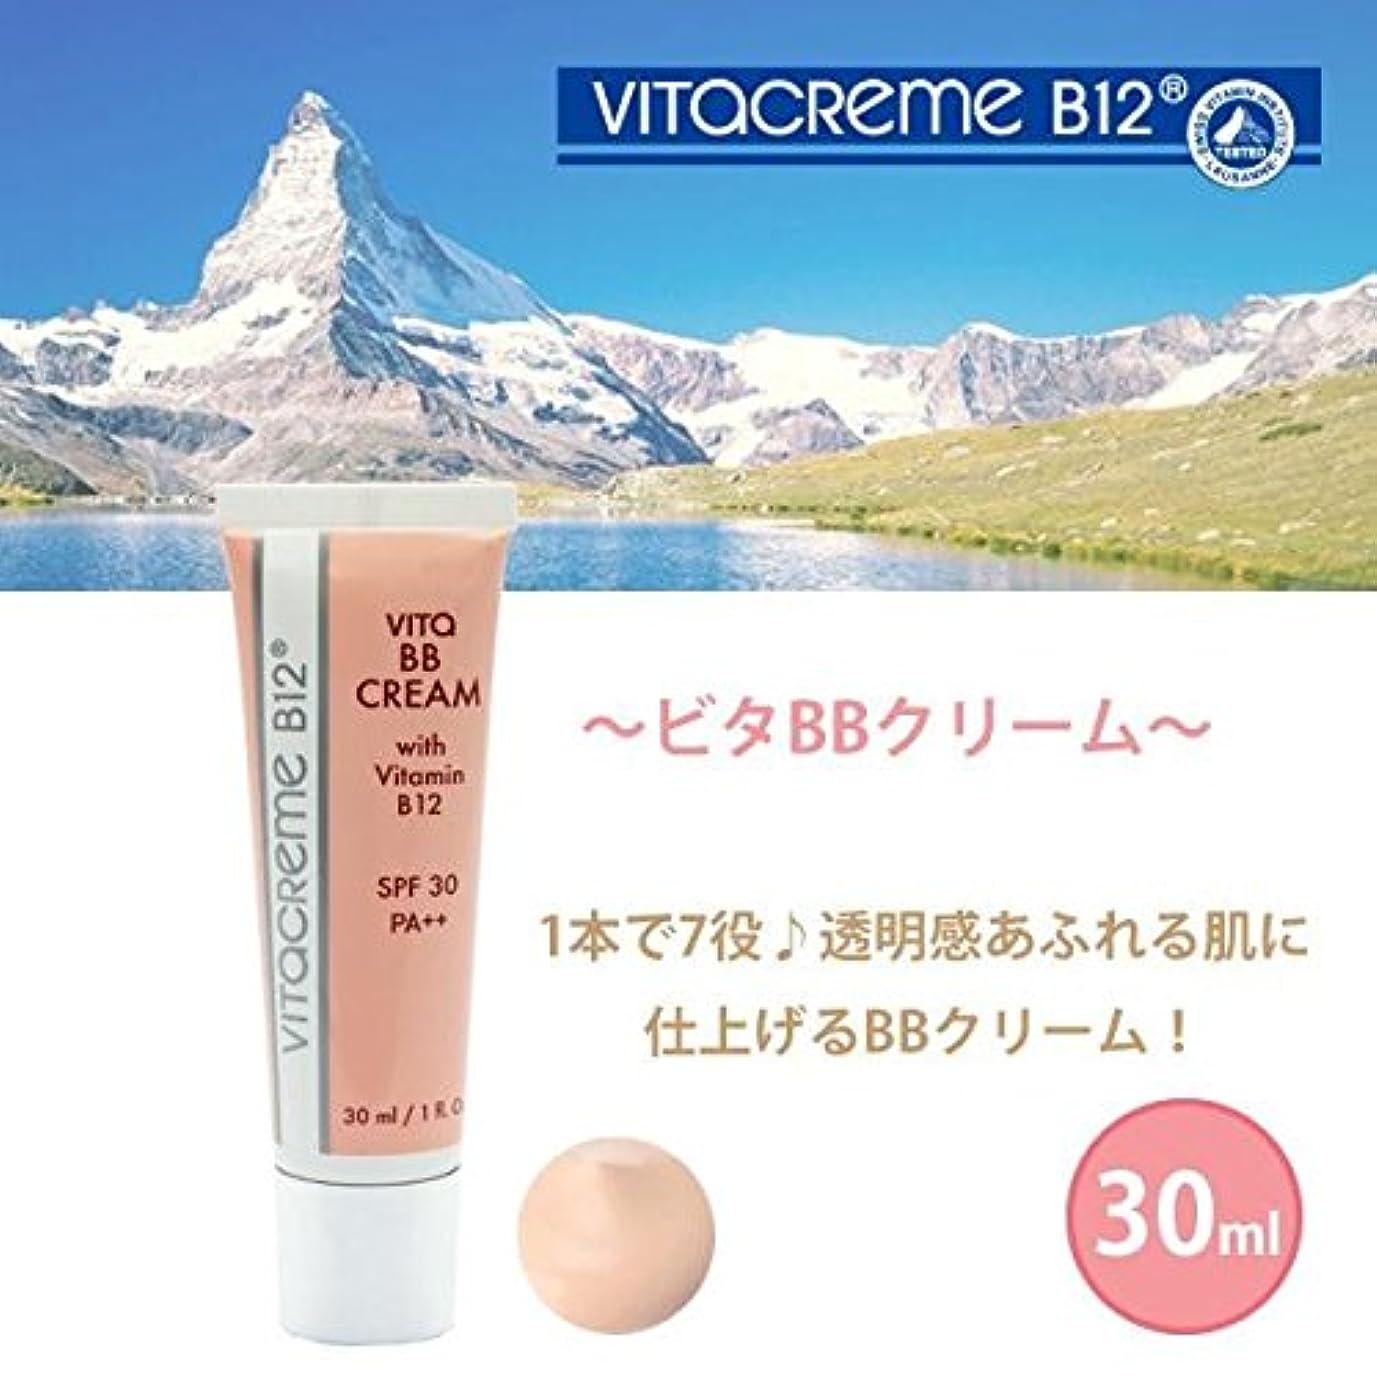 コンプリート故意に誤解させるビタBBクリーム 30ml 正規品 VTB238 【人気 おすすめ 】